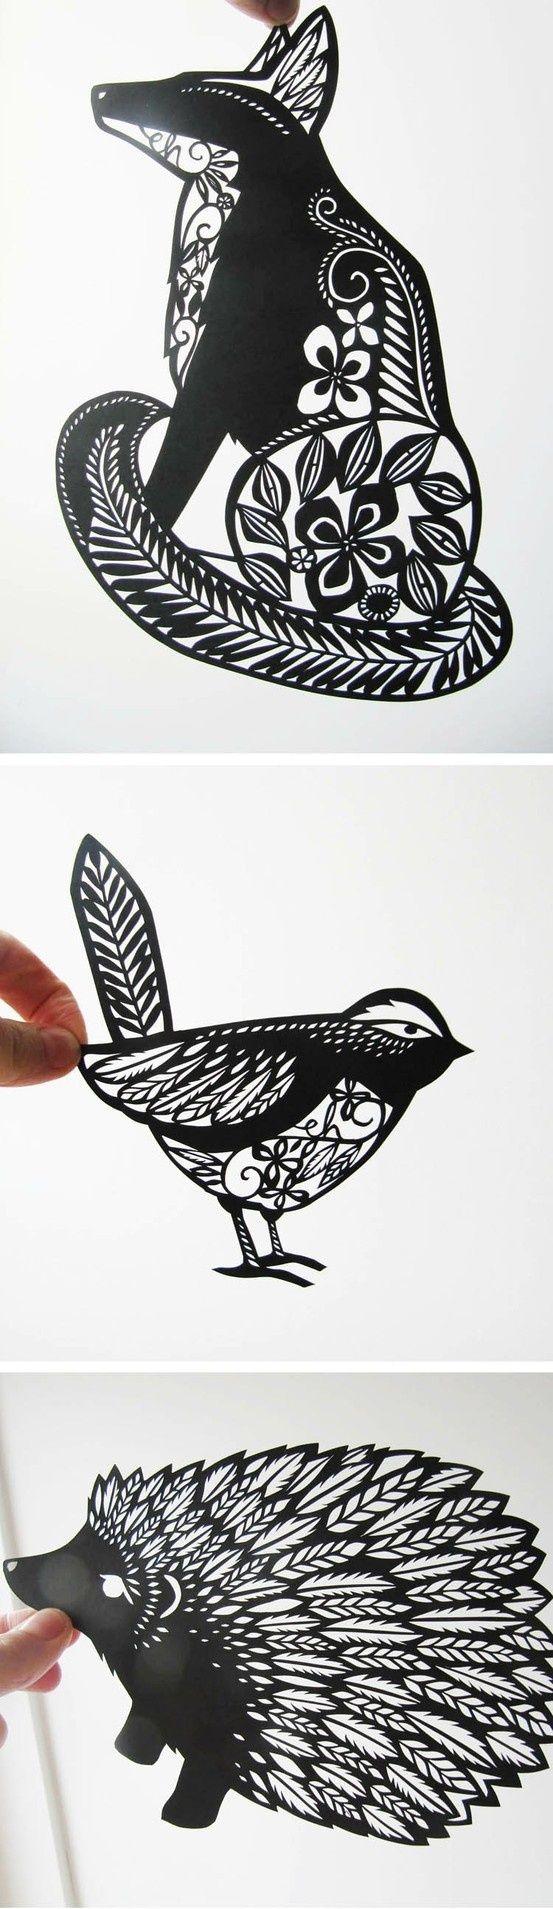 L'art du papier #2 : 100 créations incroyables & originales à découvrir - édition 2015 | BlogDuWebdesign